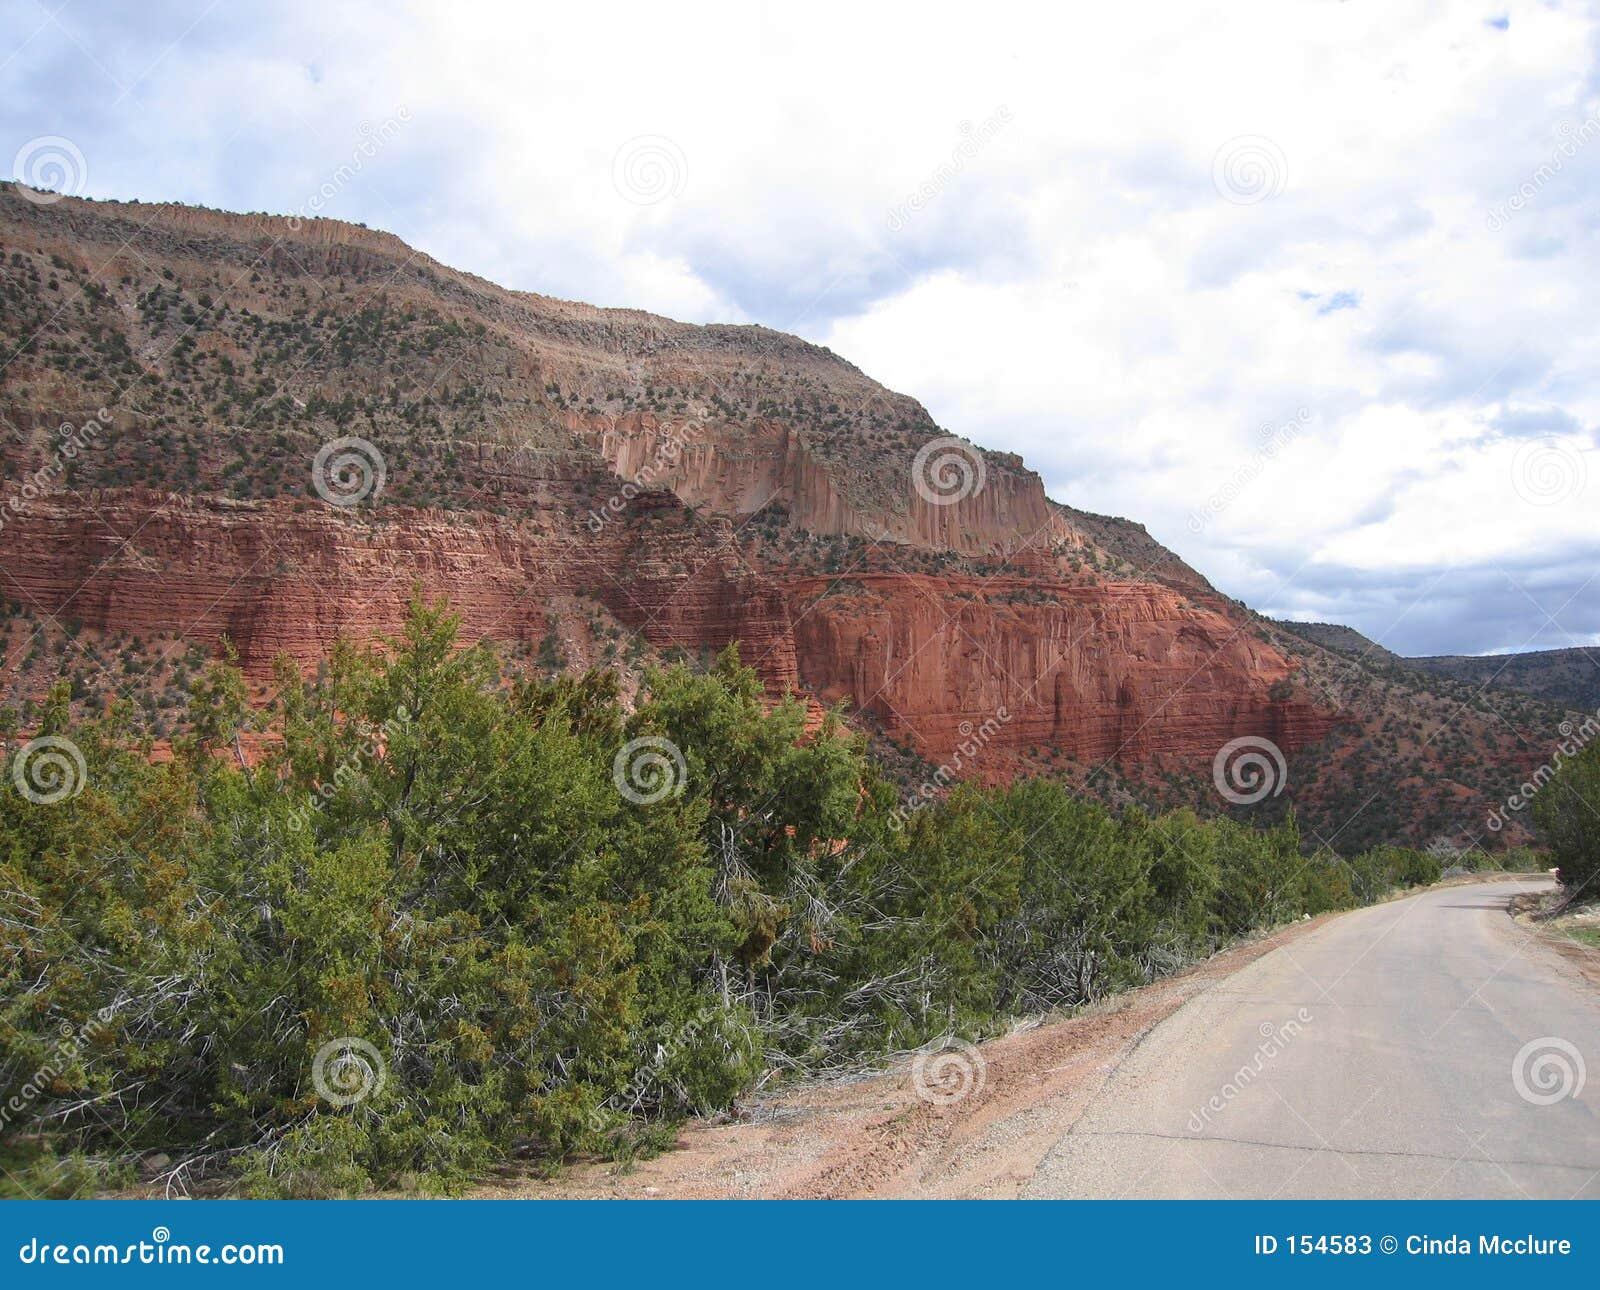 Jamez, New Mexico Road